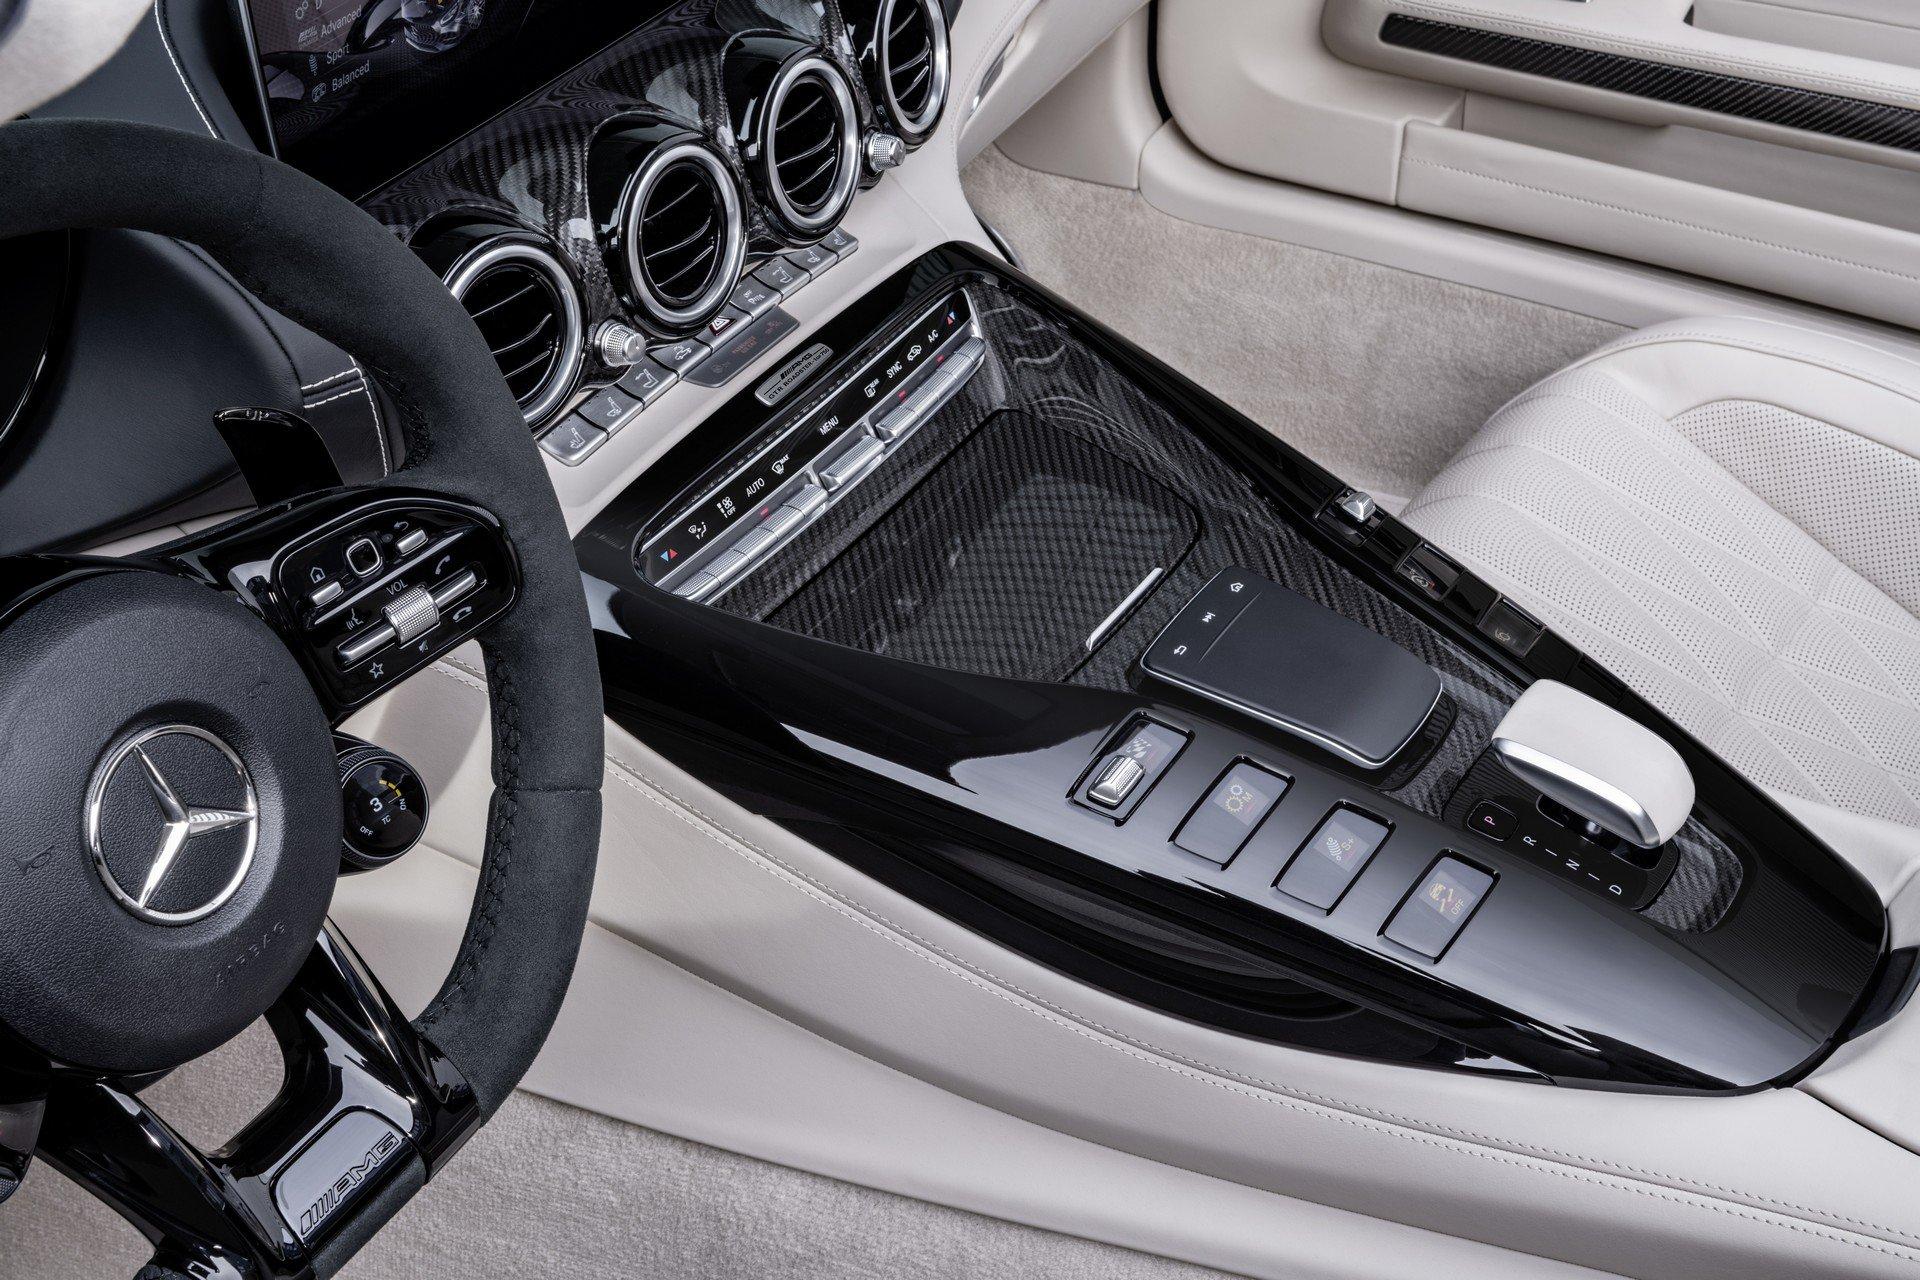 رودستر GT R  بنز با بیشینه  سرعت 317 کیلومتر/ 750 دستگاه از این خودرو ساخته میشود